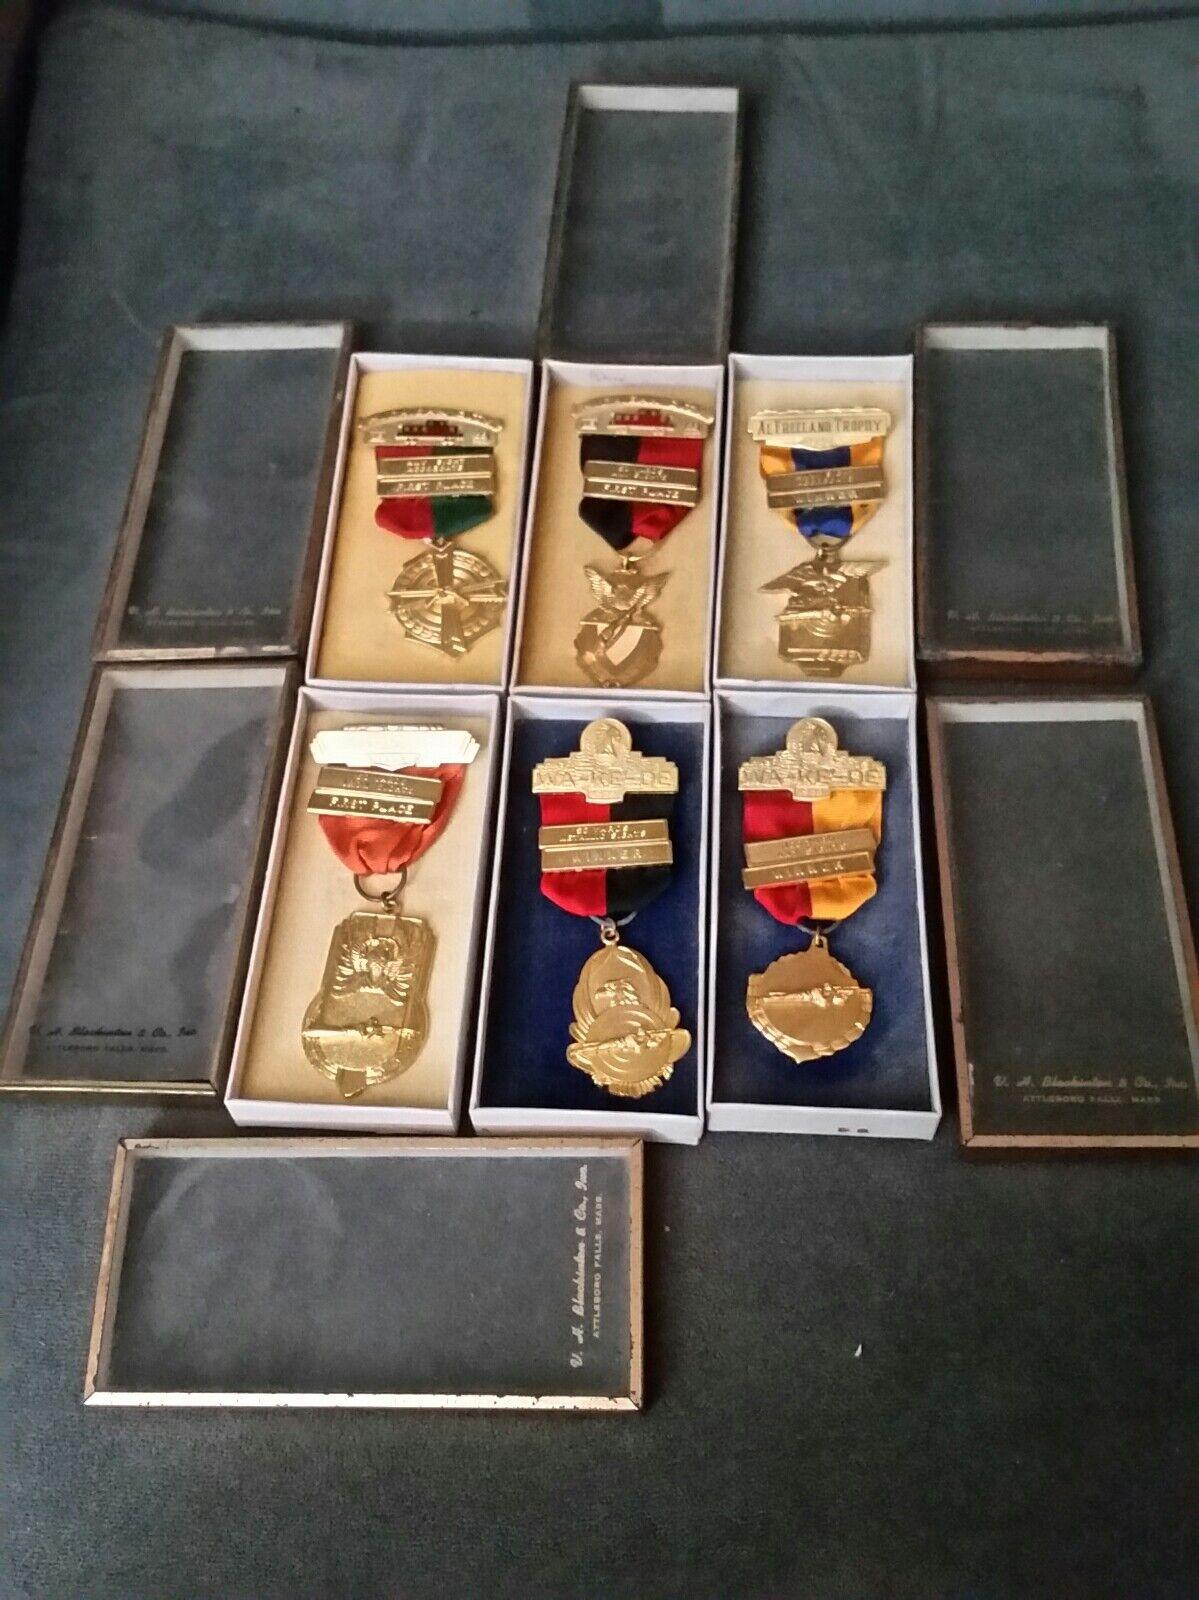 Premio De Tiro 1956-1959 Rifle Pistola Club medallas. wa-ke -. NRA. Lote DE DE 6 Varios